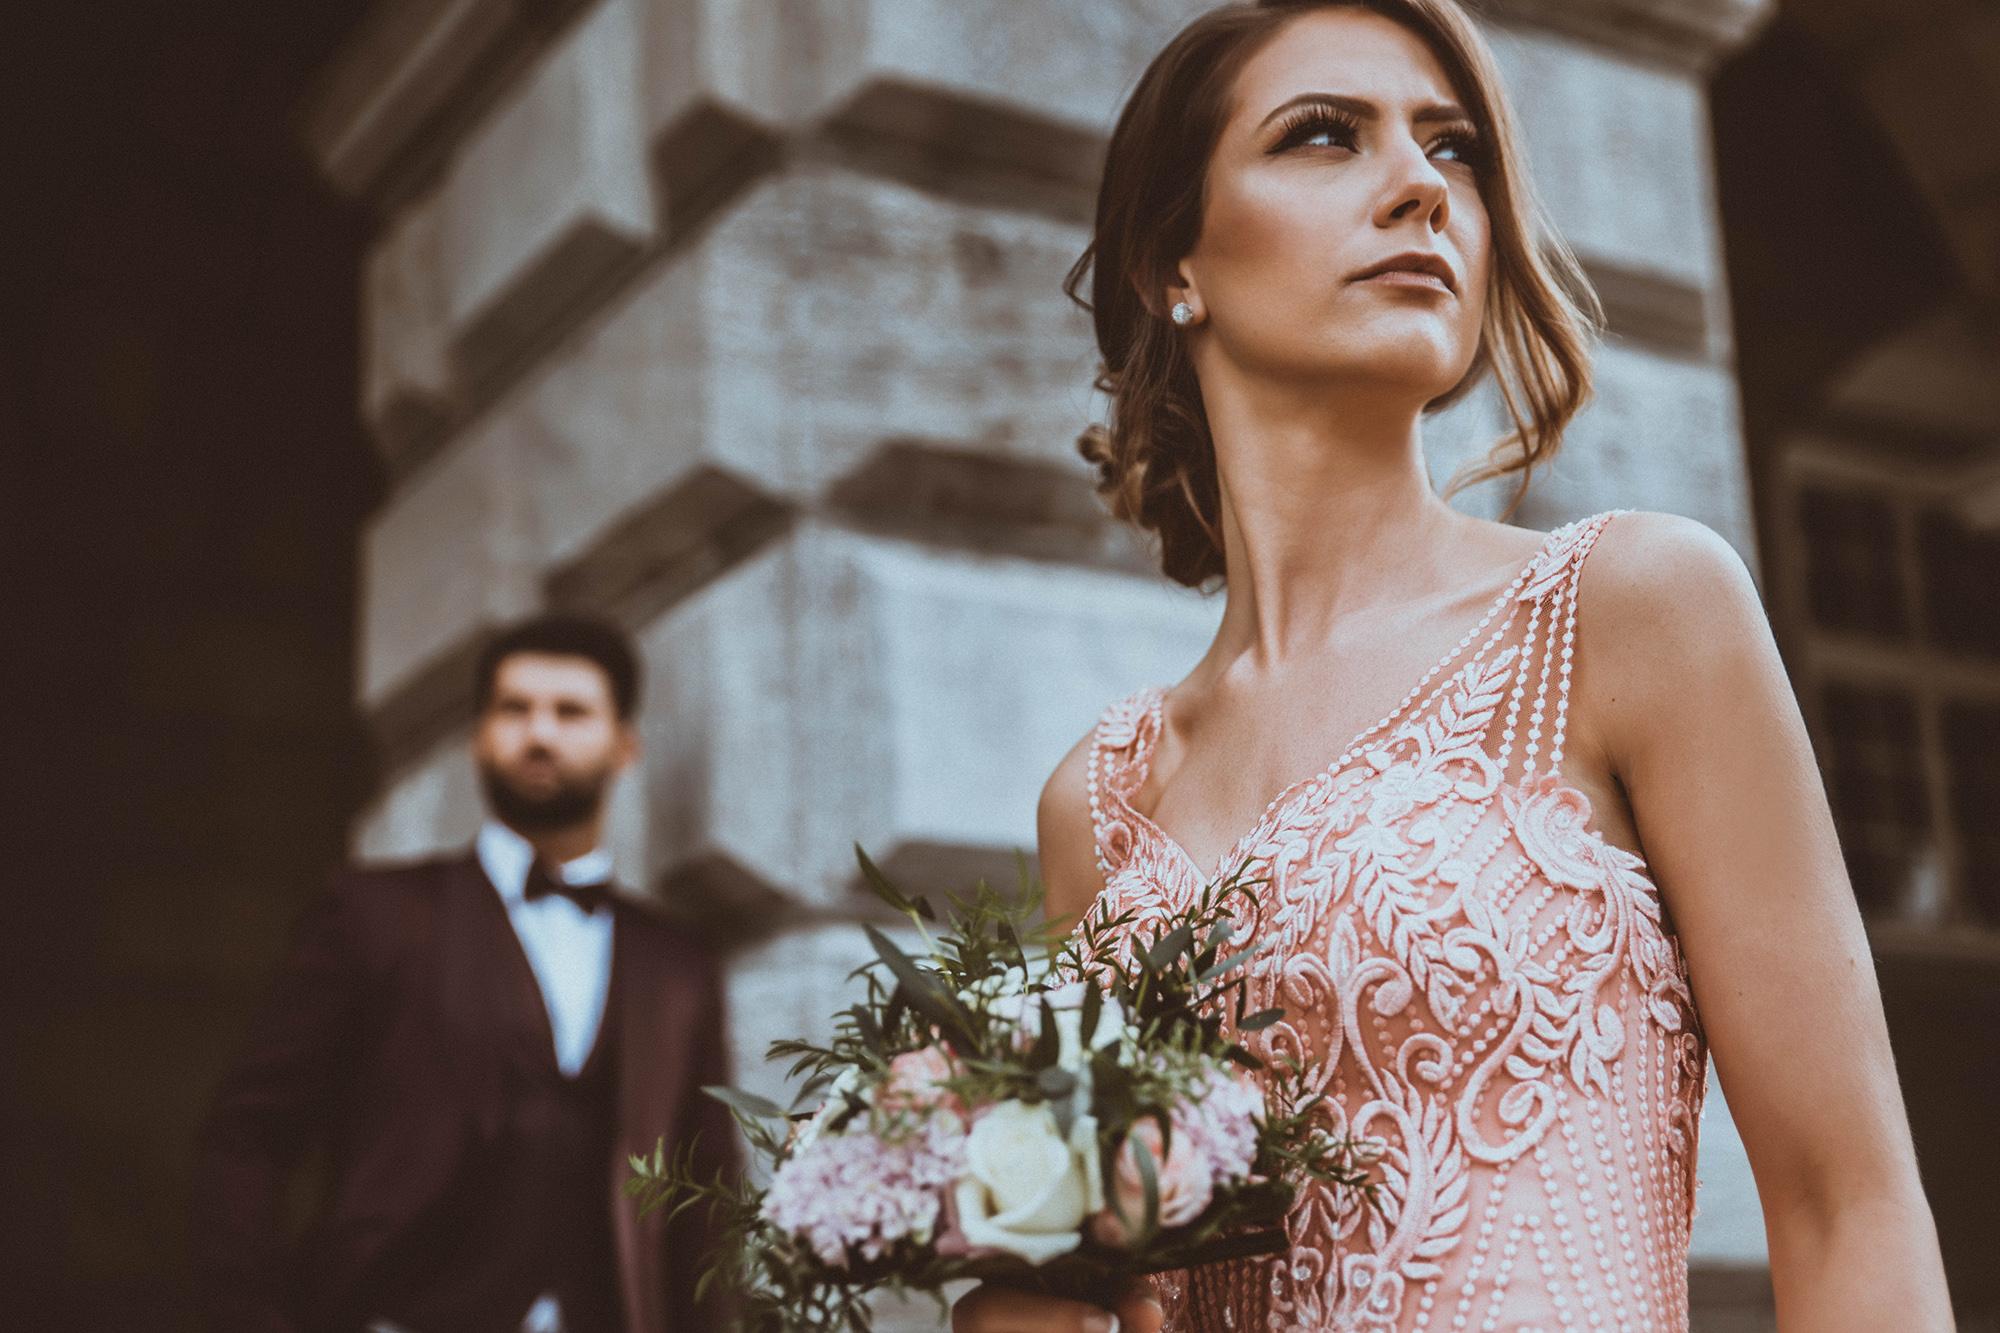 Braut mit Blumenstrauß vor Steingebäude.jpg